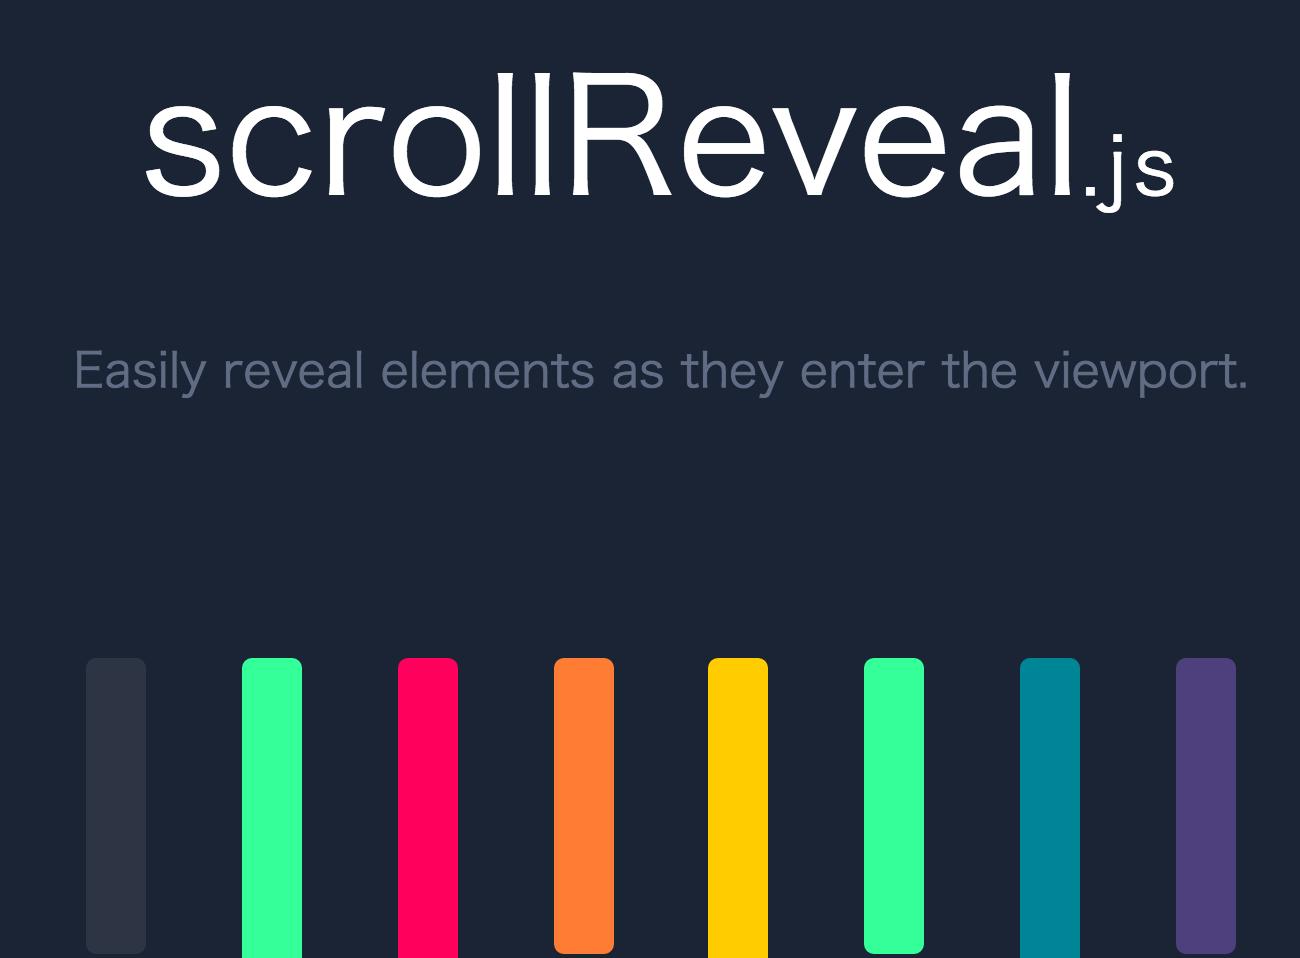 スクロールして要素を個別にアニメーション表示しパララックスにも使える「scrollReveal.js」